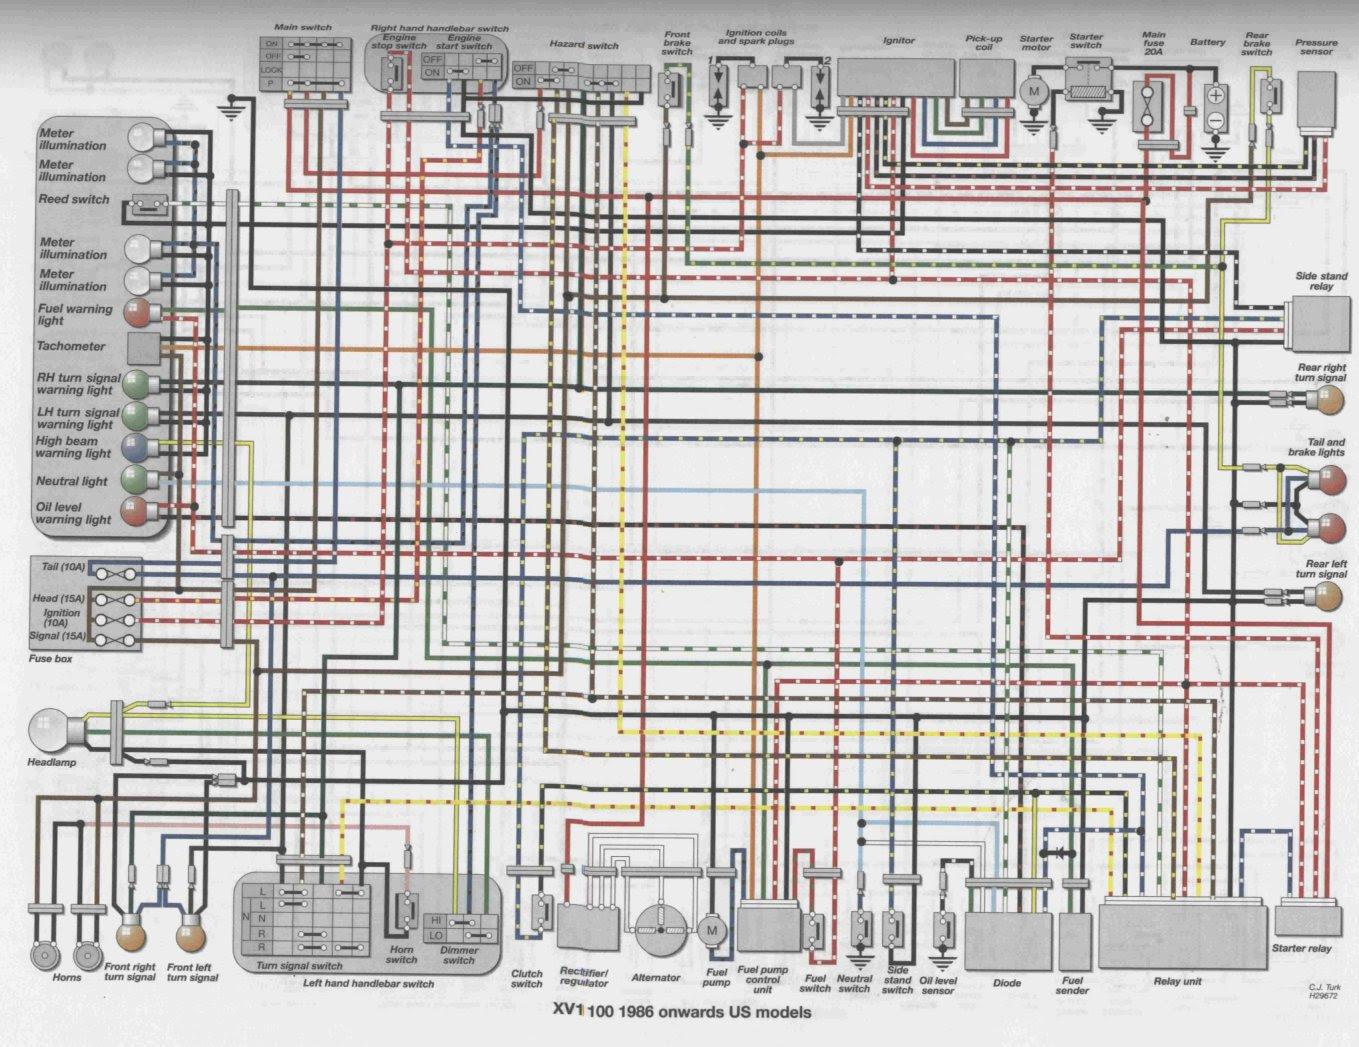 93 Yamaha Virago Wiring Diagram - Wiring Diagram Networks Wiring Diagram Networks - blogger